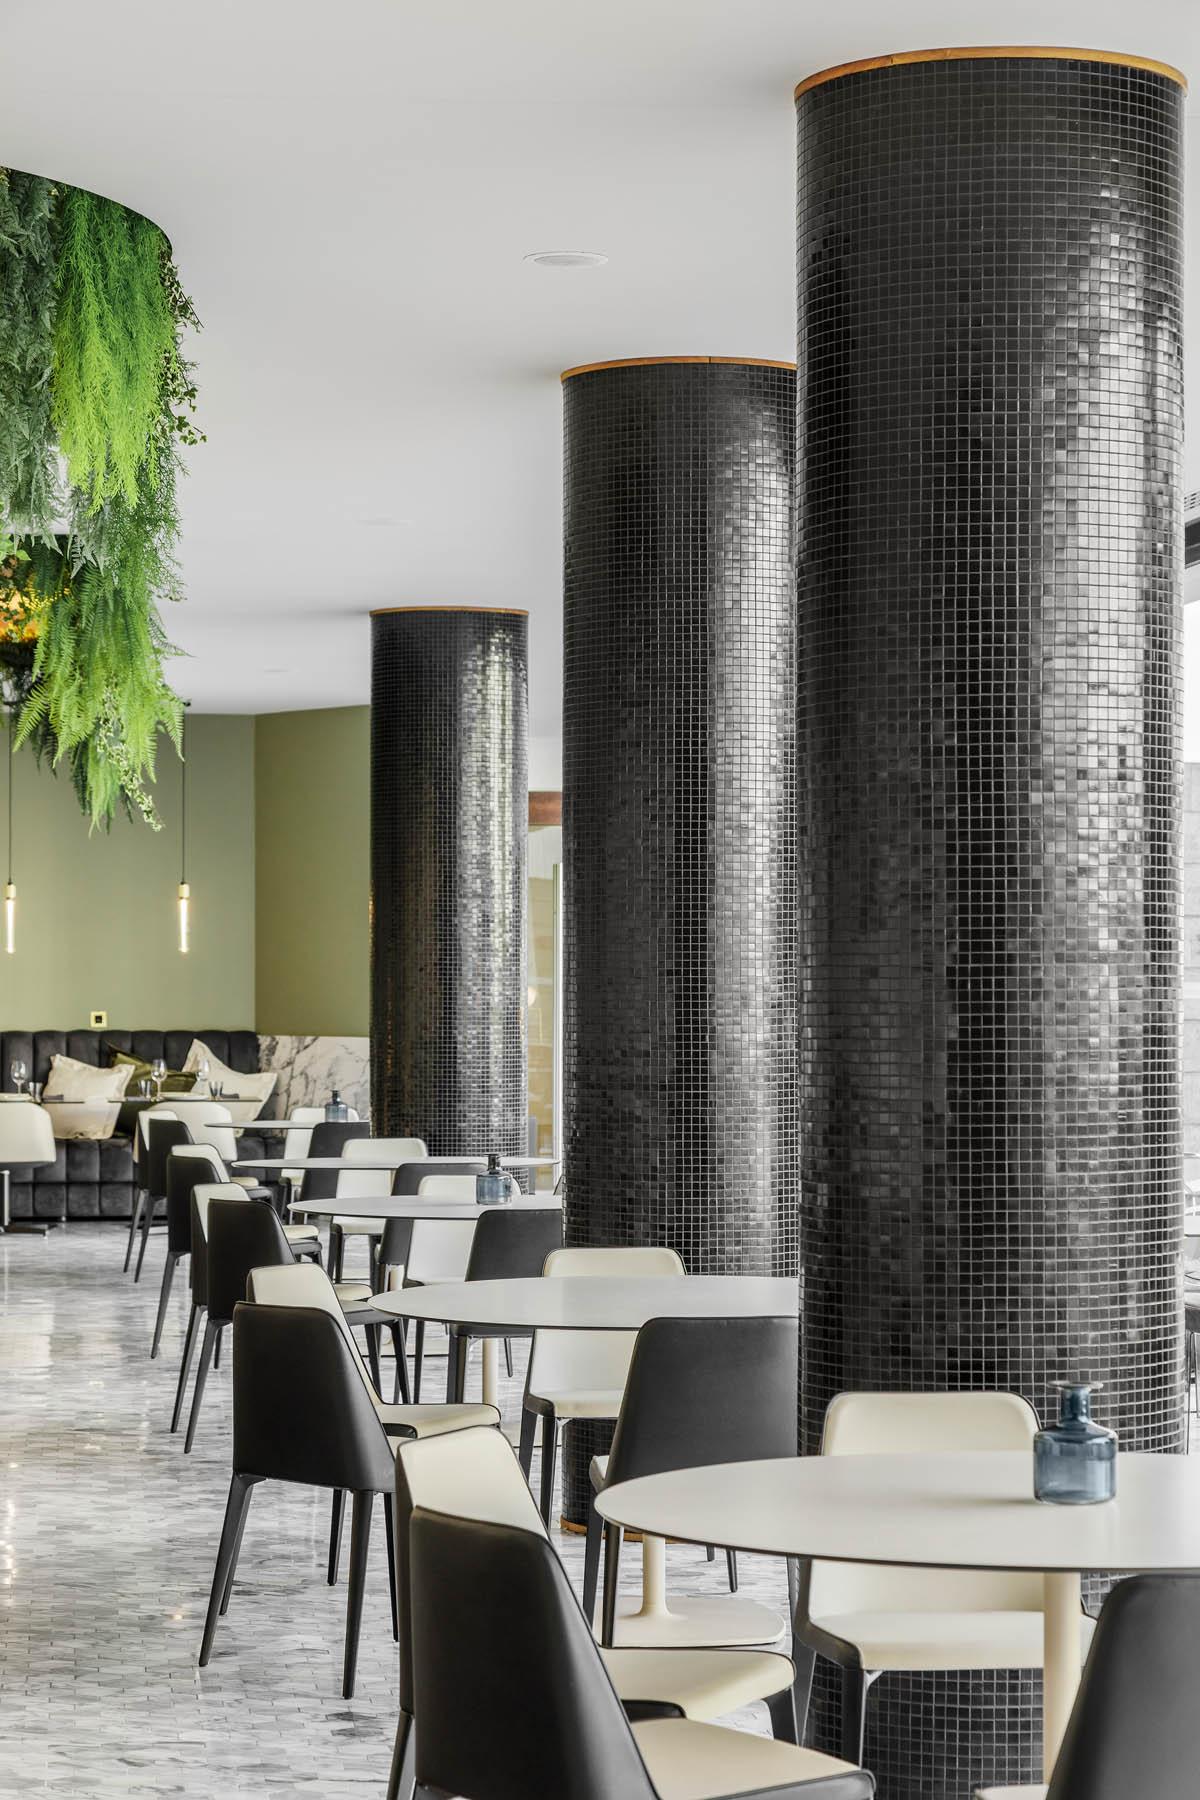 KOI Restaurant by Azoris em Ponta Delgada nos Açores, projecto